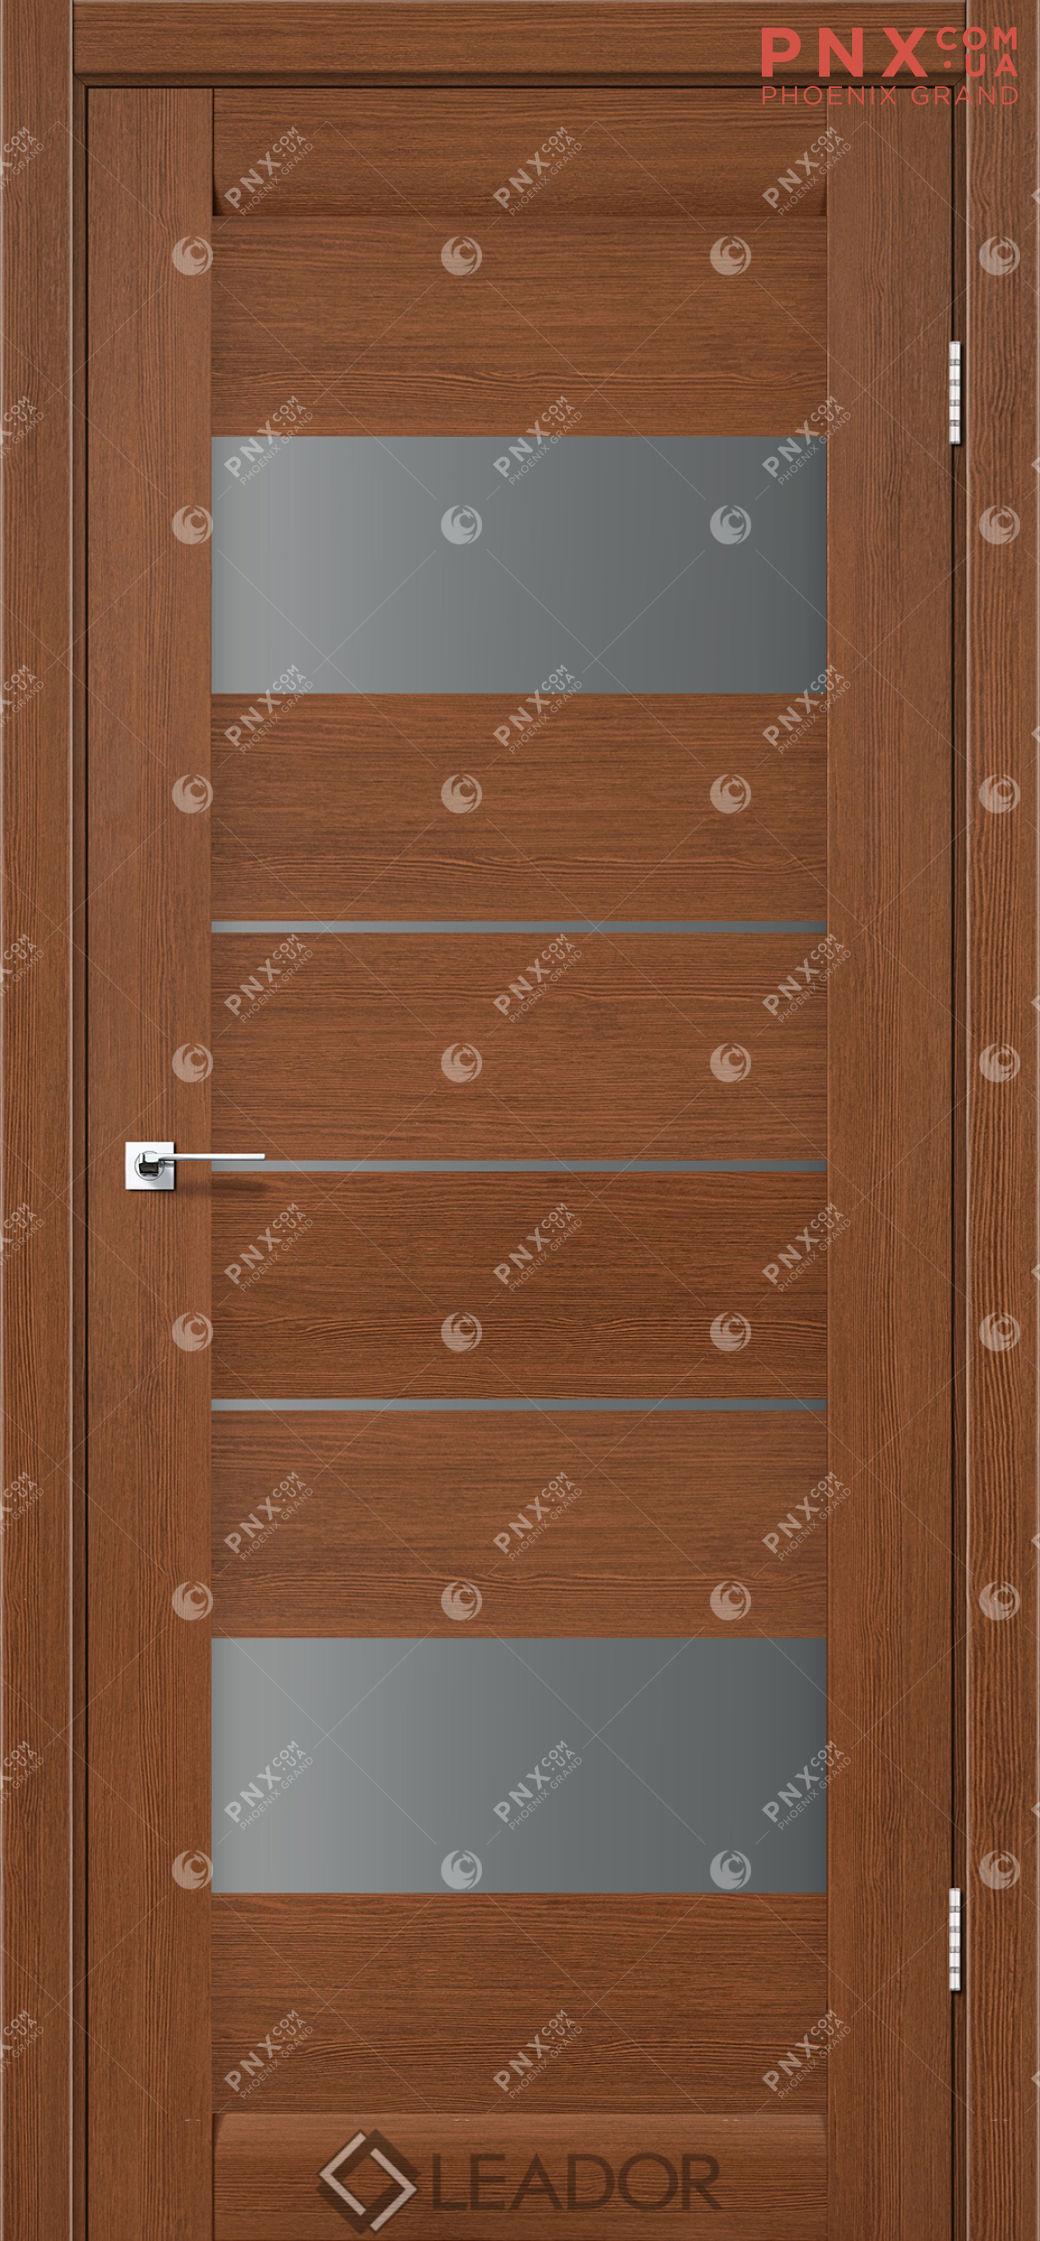 Межкомнатная дверь LEADOR Arona, Браун, Стекло серый графит